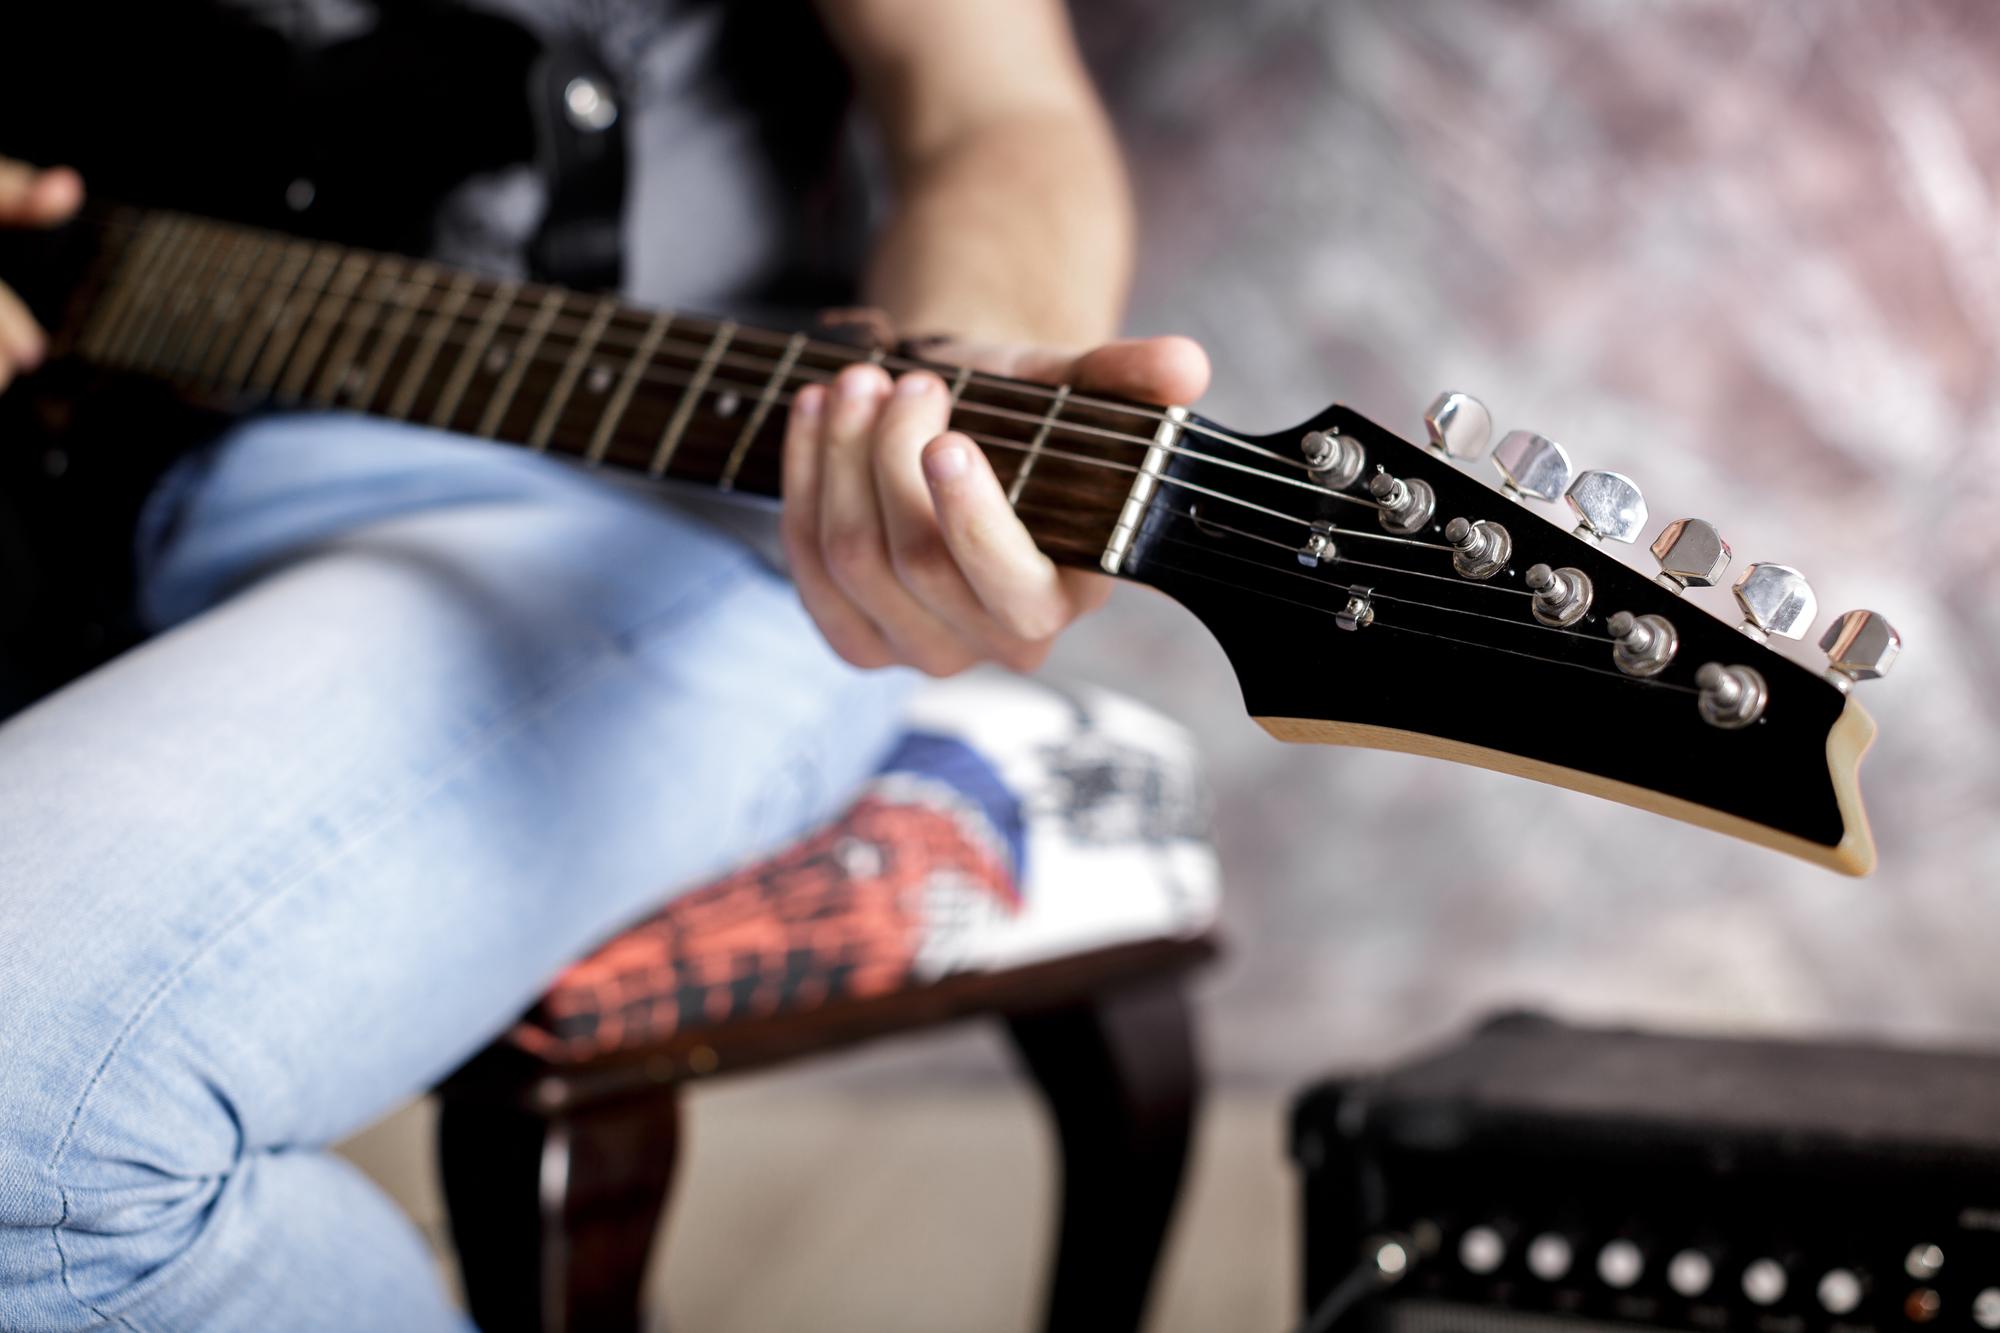 【楽器演奏可!】レンタルスペースで自分たちの音楽を奏でよう♪(東京編)